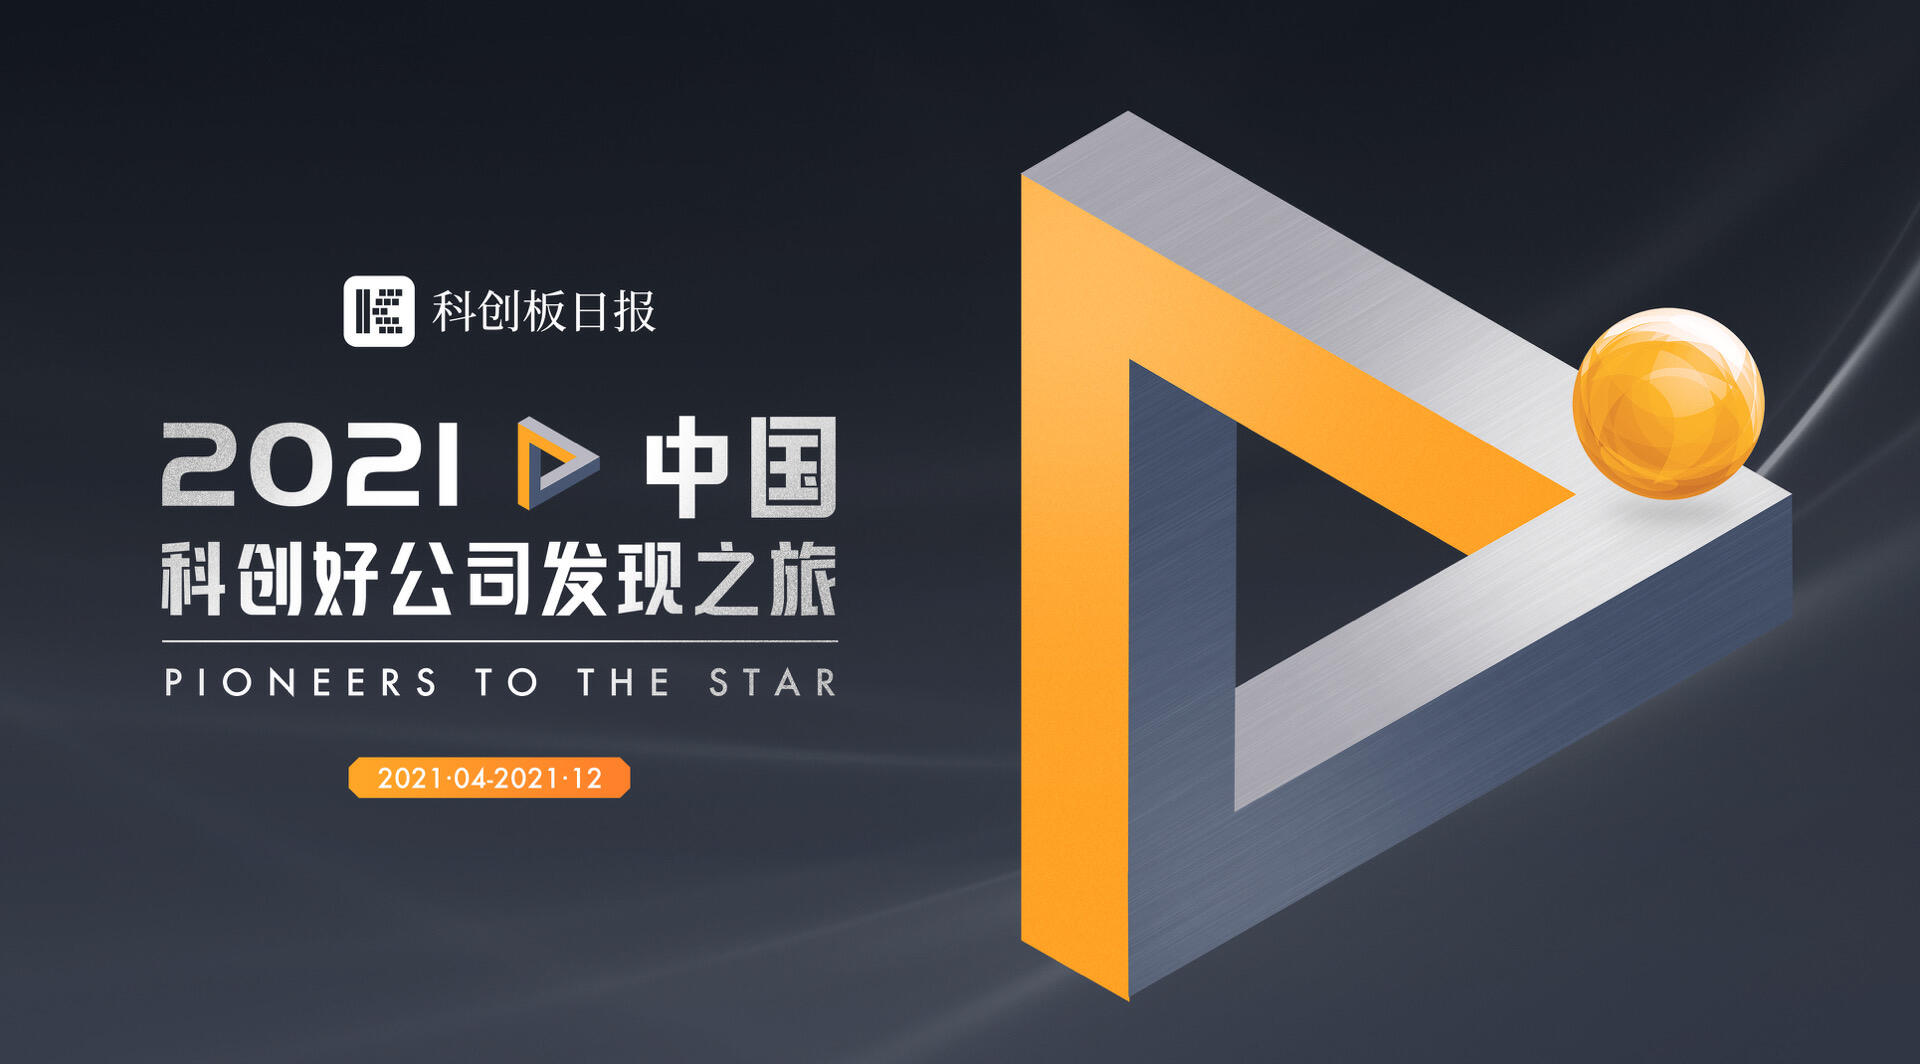 2021中国科创好公司发现之旅